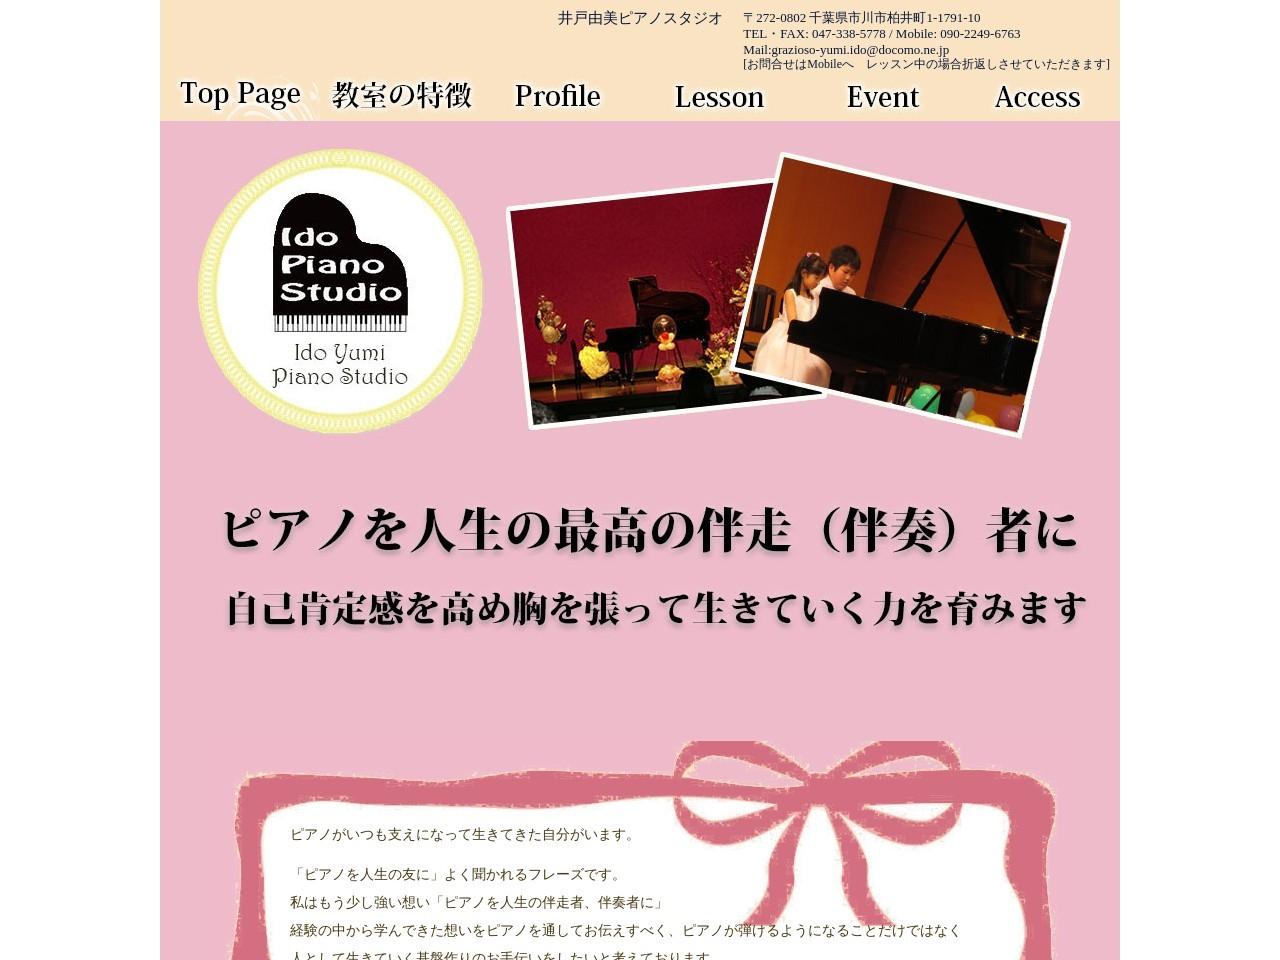 井戸由美ピアノスタジオのサムネイル